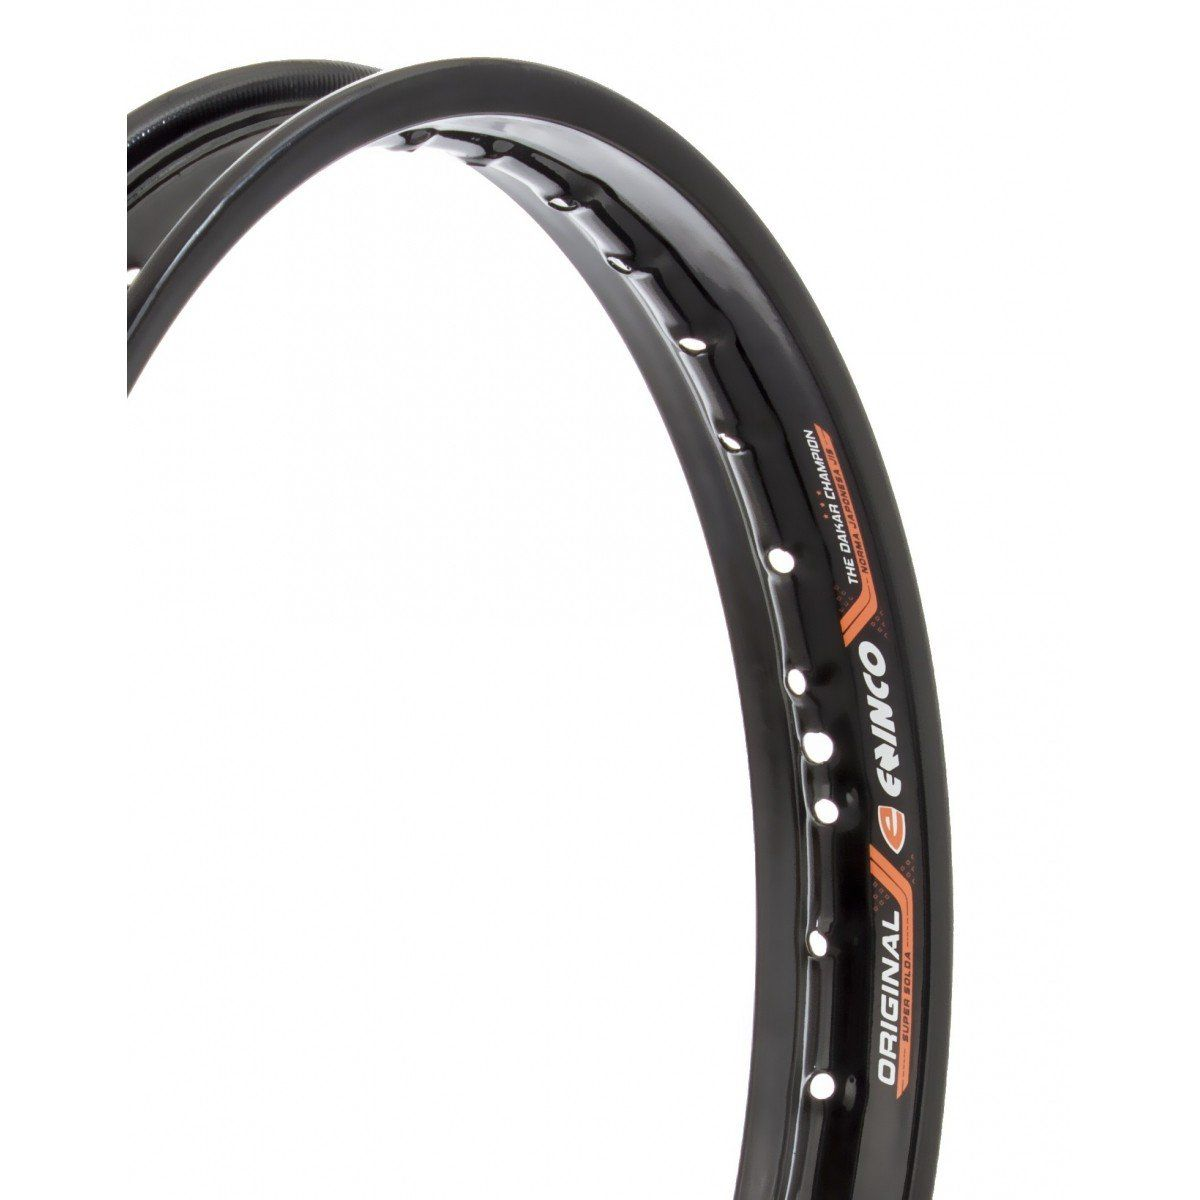 Aro de Moto Dianteiro 1.85 X 21 Yamaha DT 180 Preto - Eninco